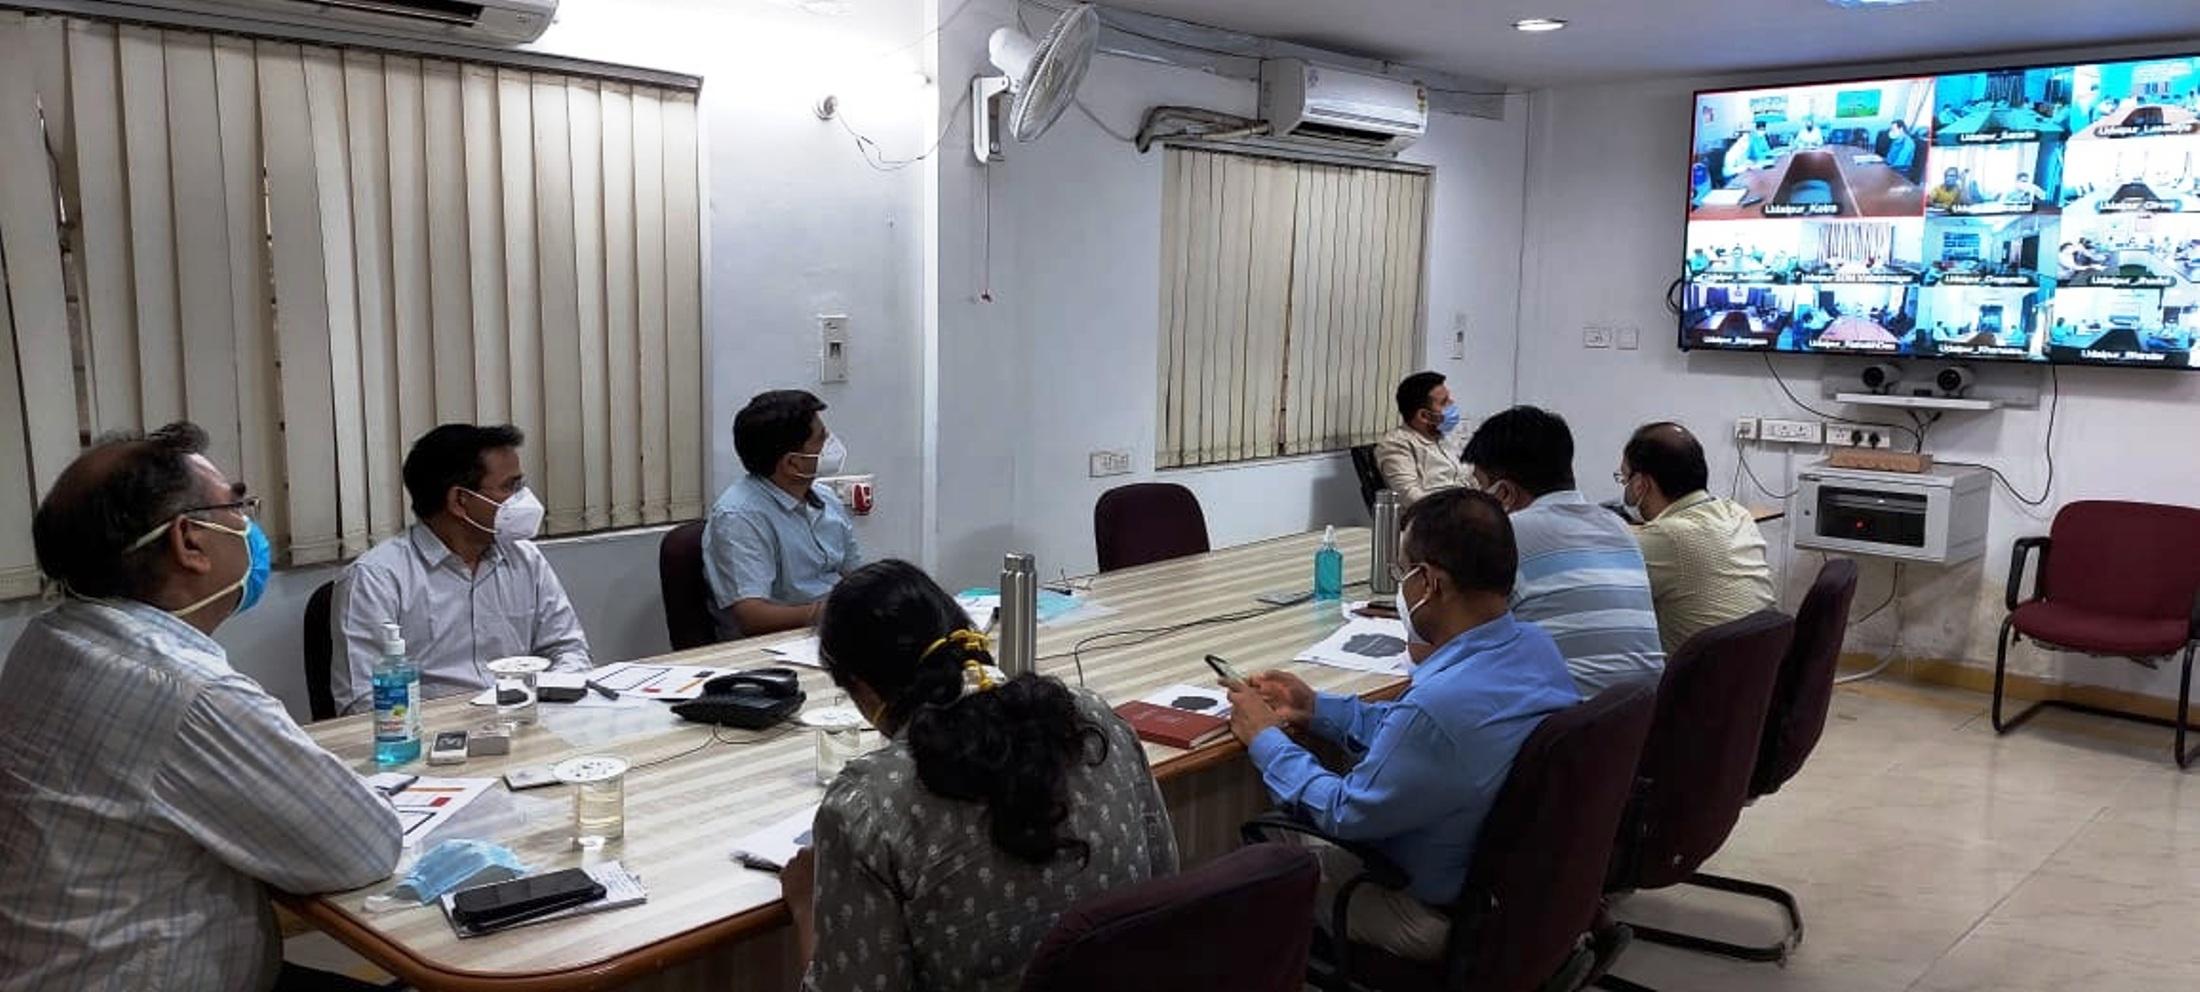 कलक्टर ने जानी जिले में टीकाकरण की प्रगति